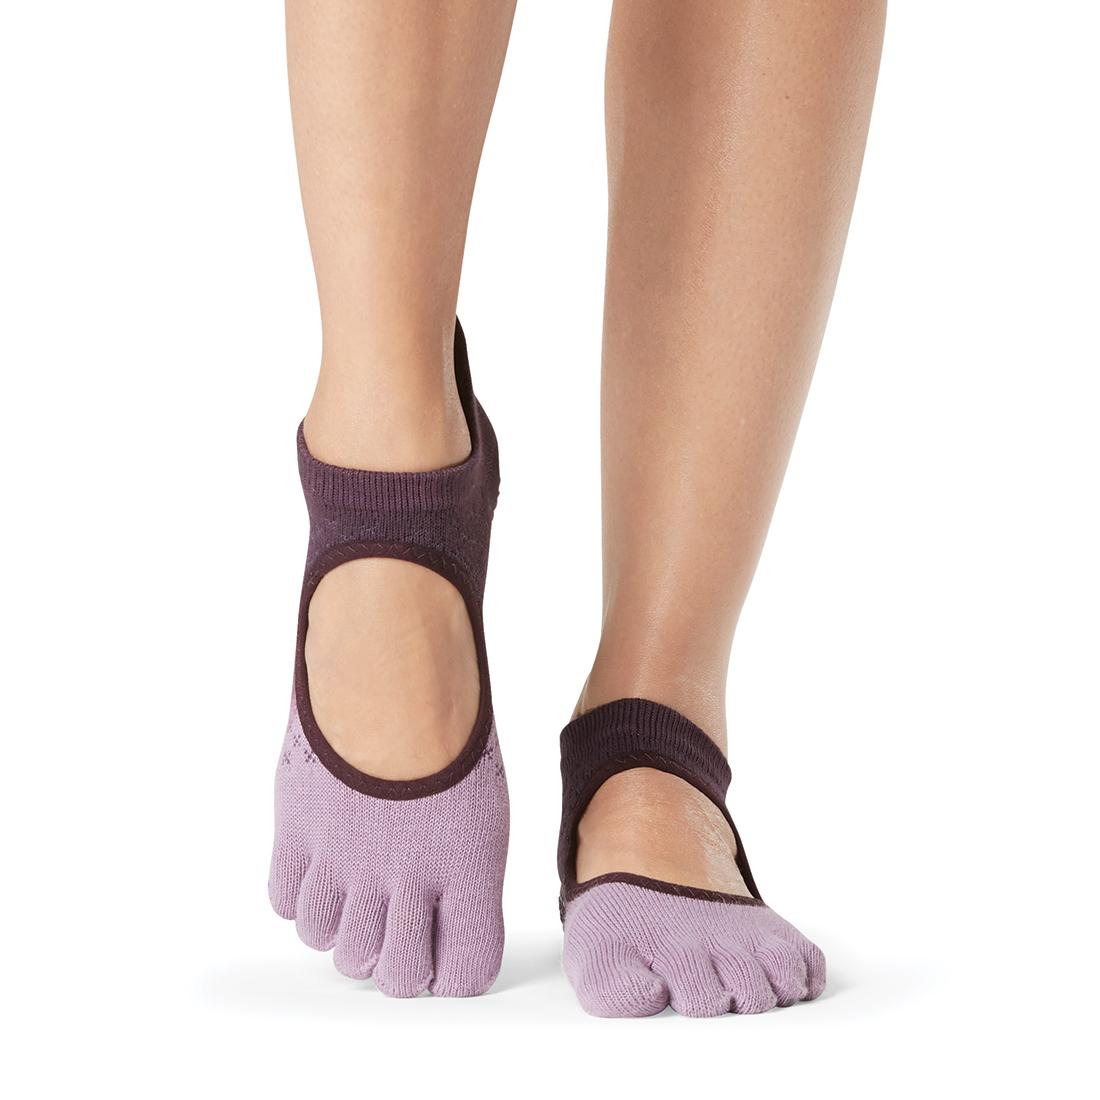 Yogasocken ToeSox Bellarina Full Toe Majestic - 1